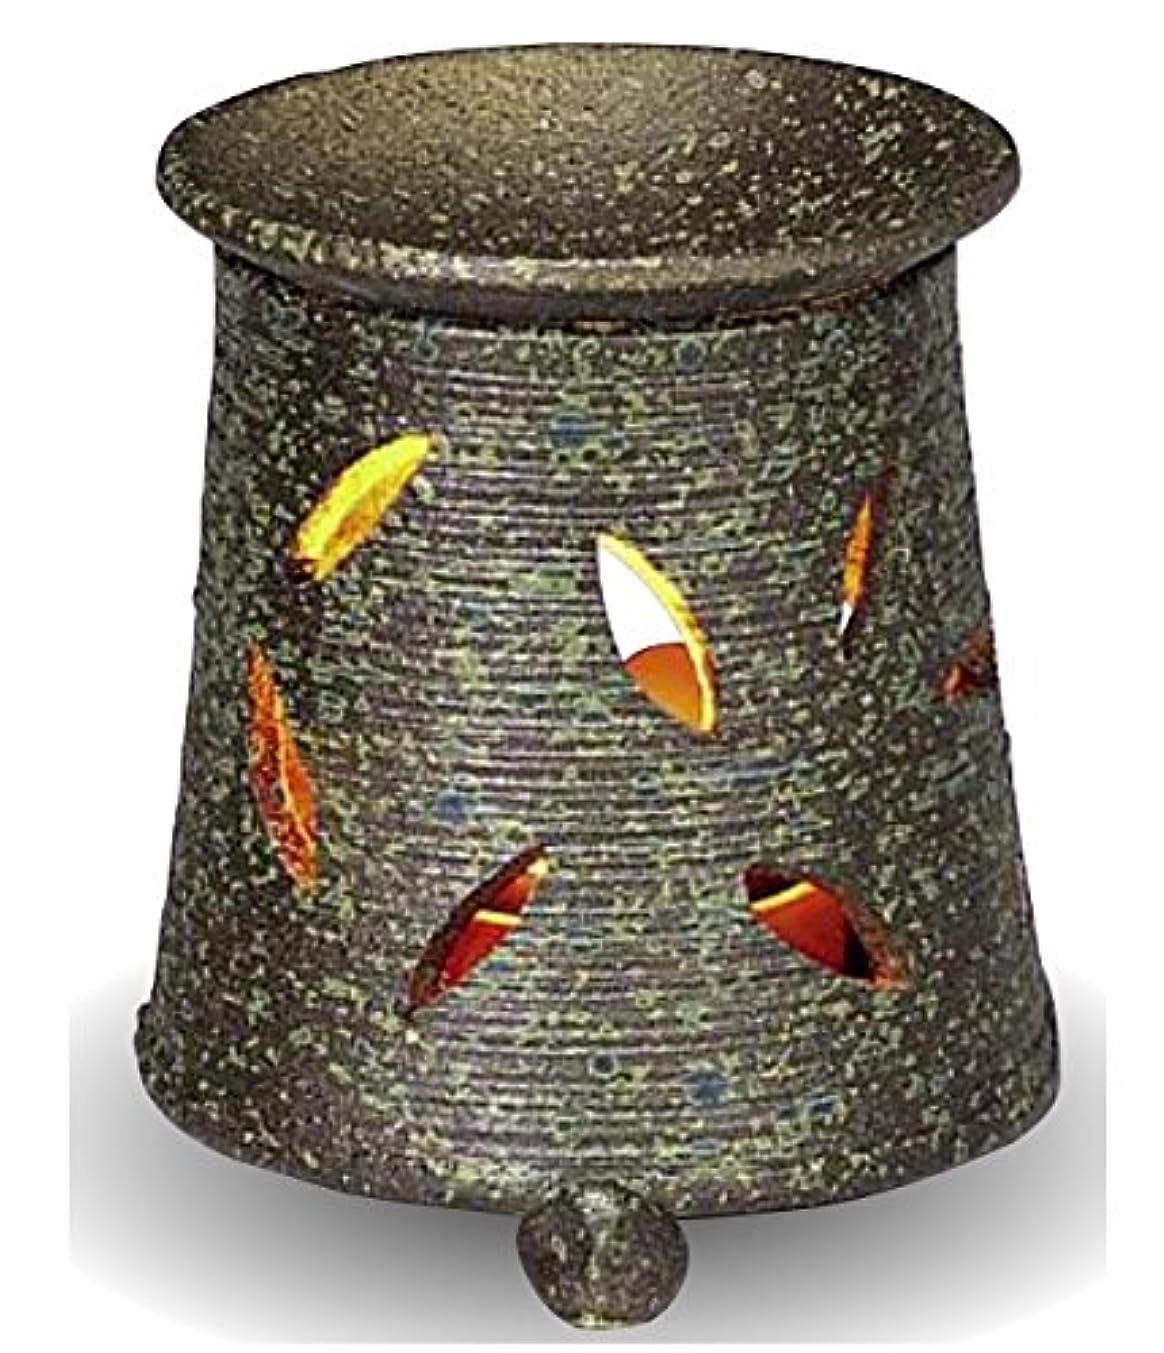 コピーレイアウト今まで常滑焼 茶香炉(アロマポット)径9.5×高さ10.5cm